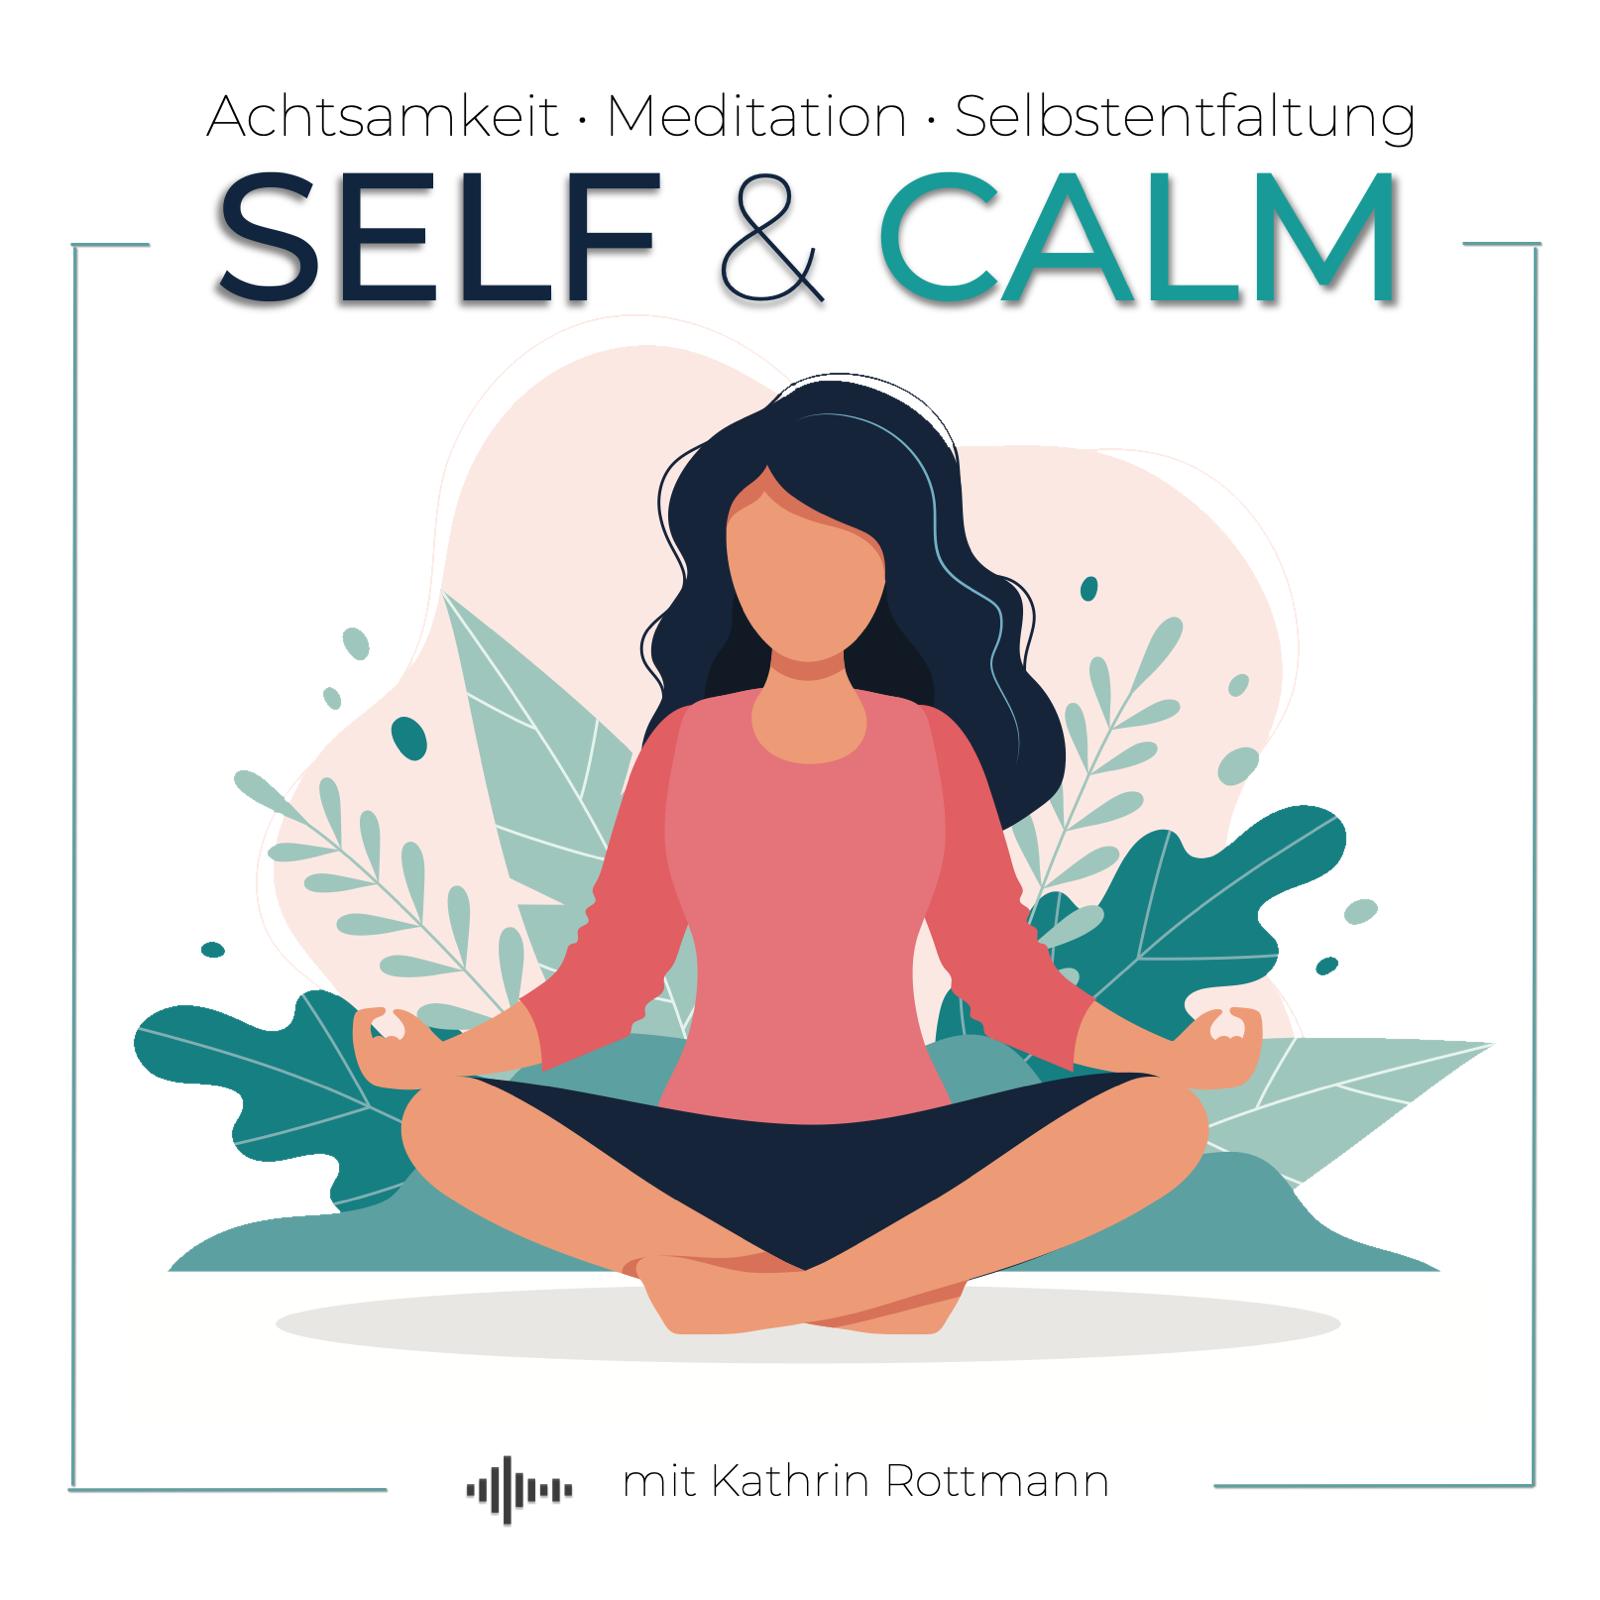 SELF & CALM | Meditationen zur Ruhe und Selbstentfaltung show image